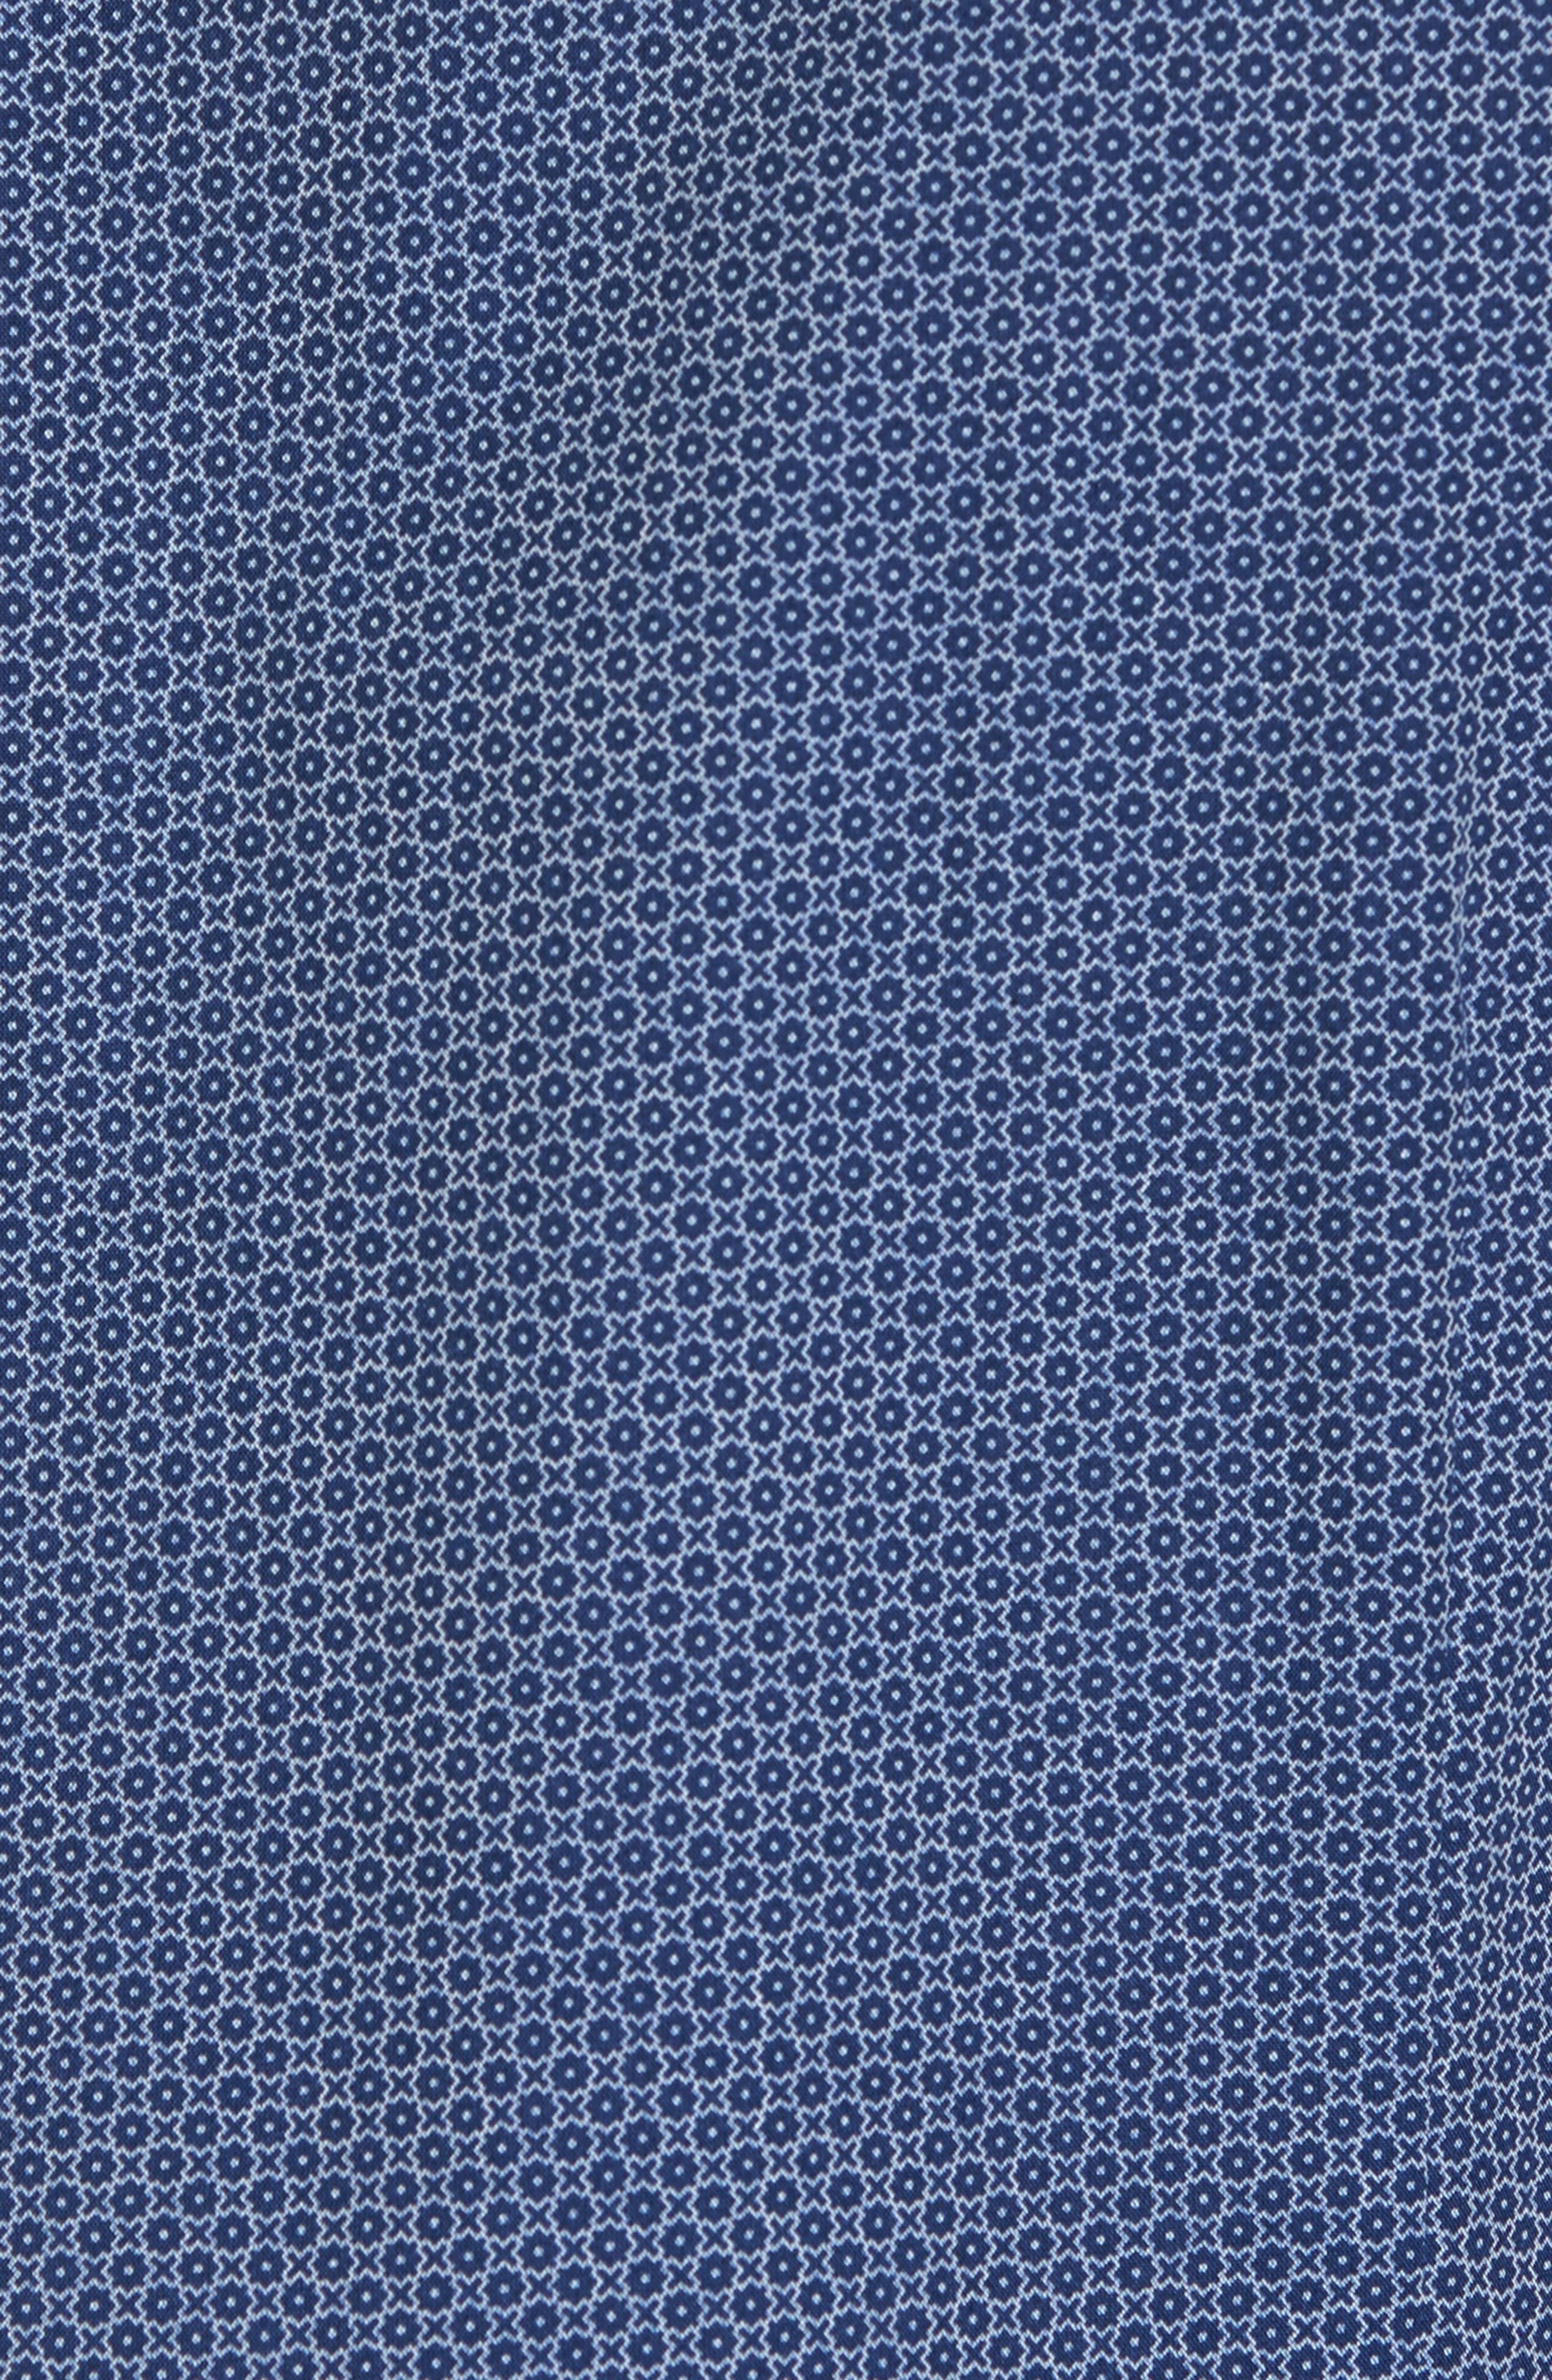 Holic Trim Fit Geometric Sport Shirt,                             Alternate thumbnail 5, color,                             421